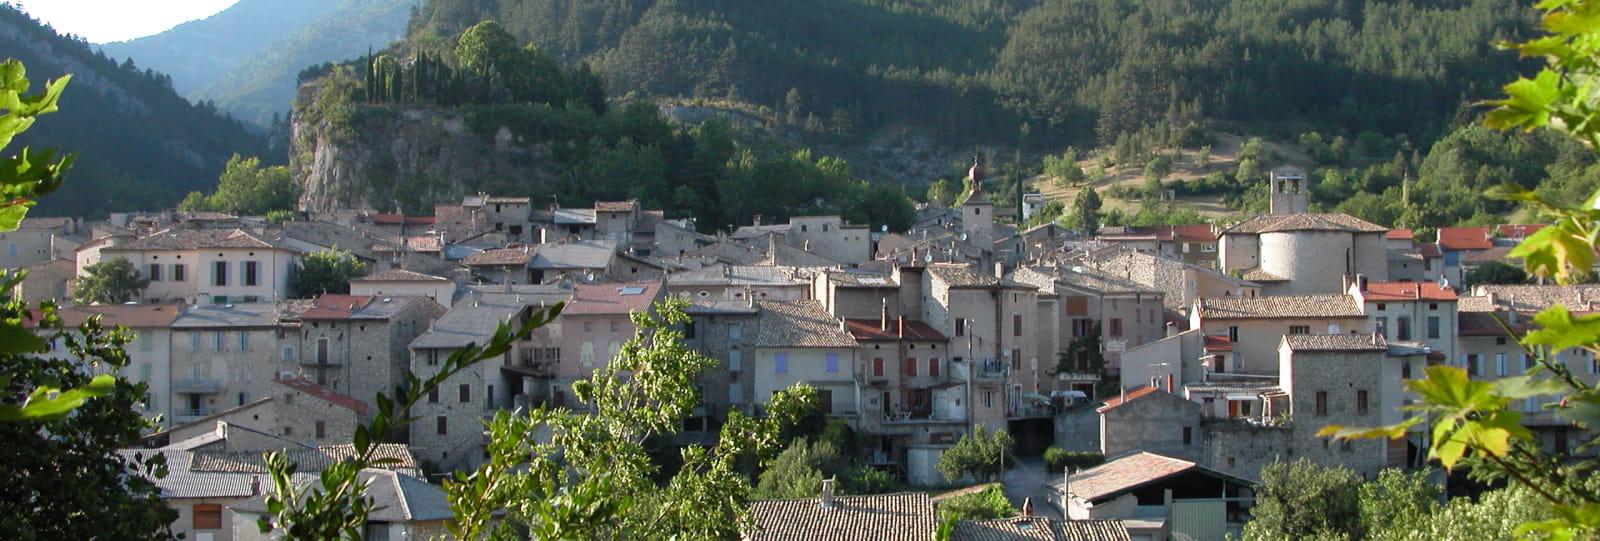 Village médiéval de Châtillon-en-Diois